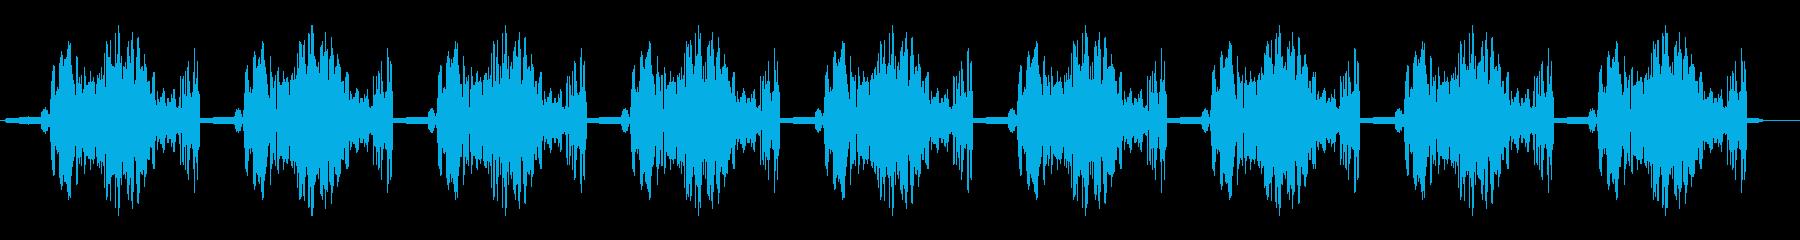 ホギューホギュー・・・(繰り返す効果音)の再生済みの波形